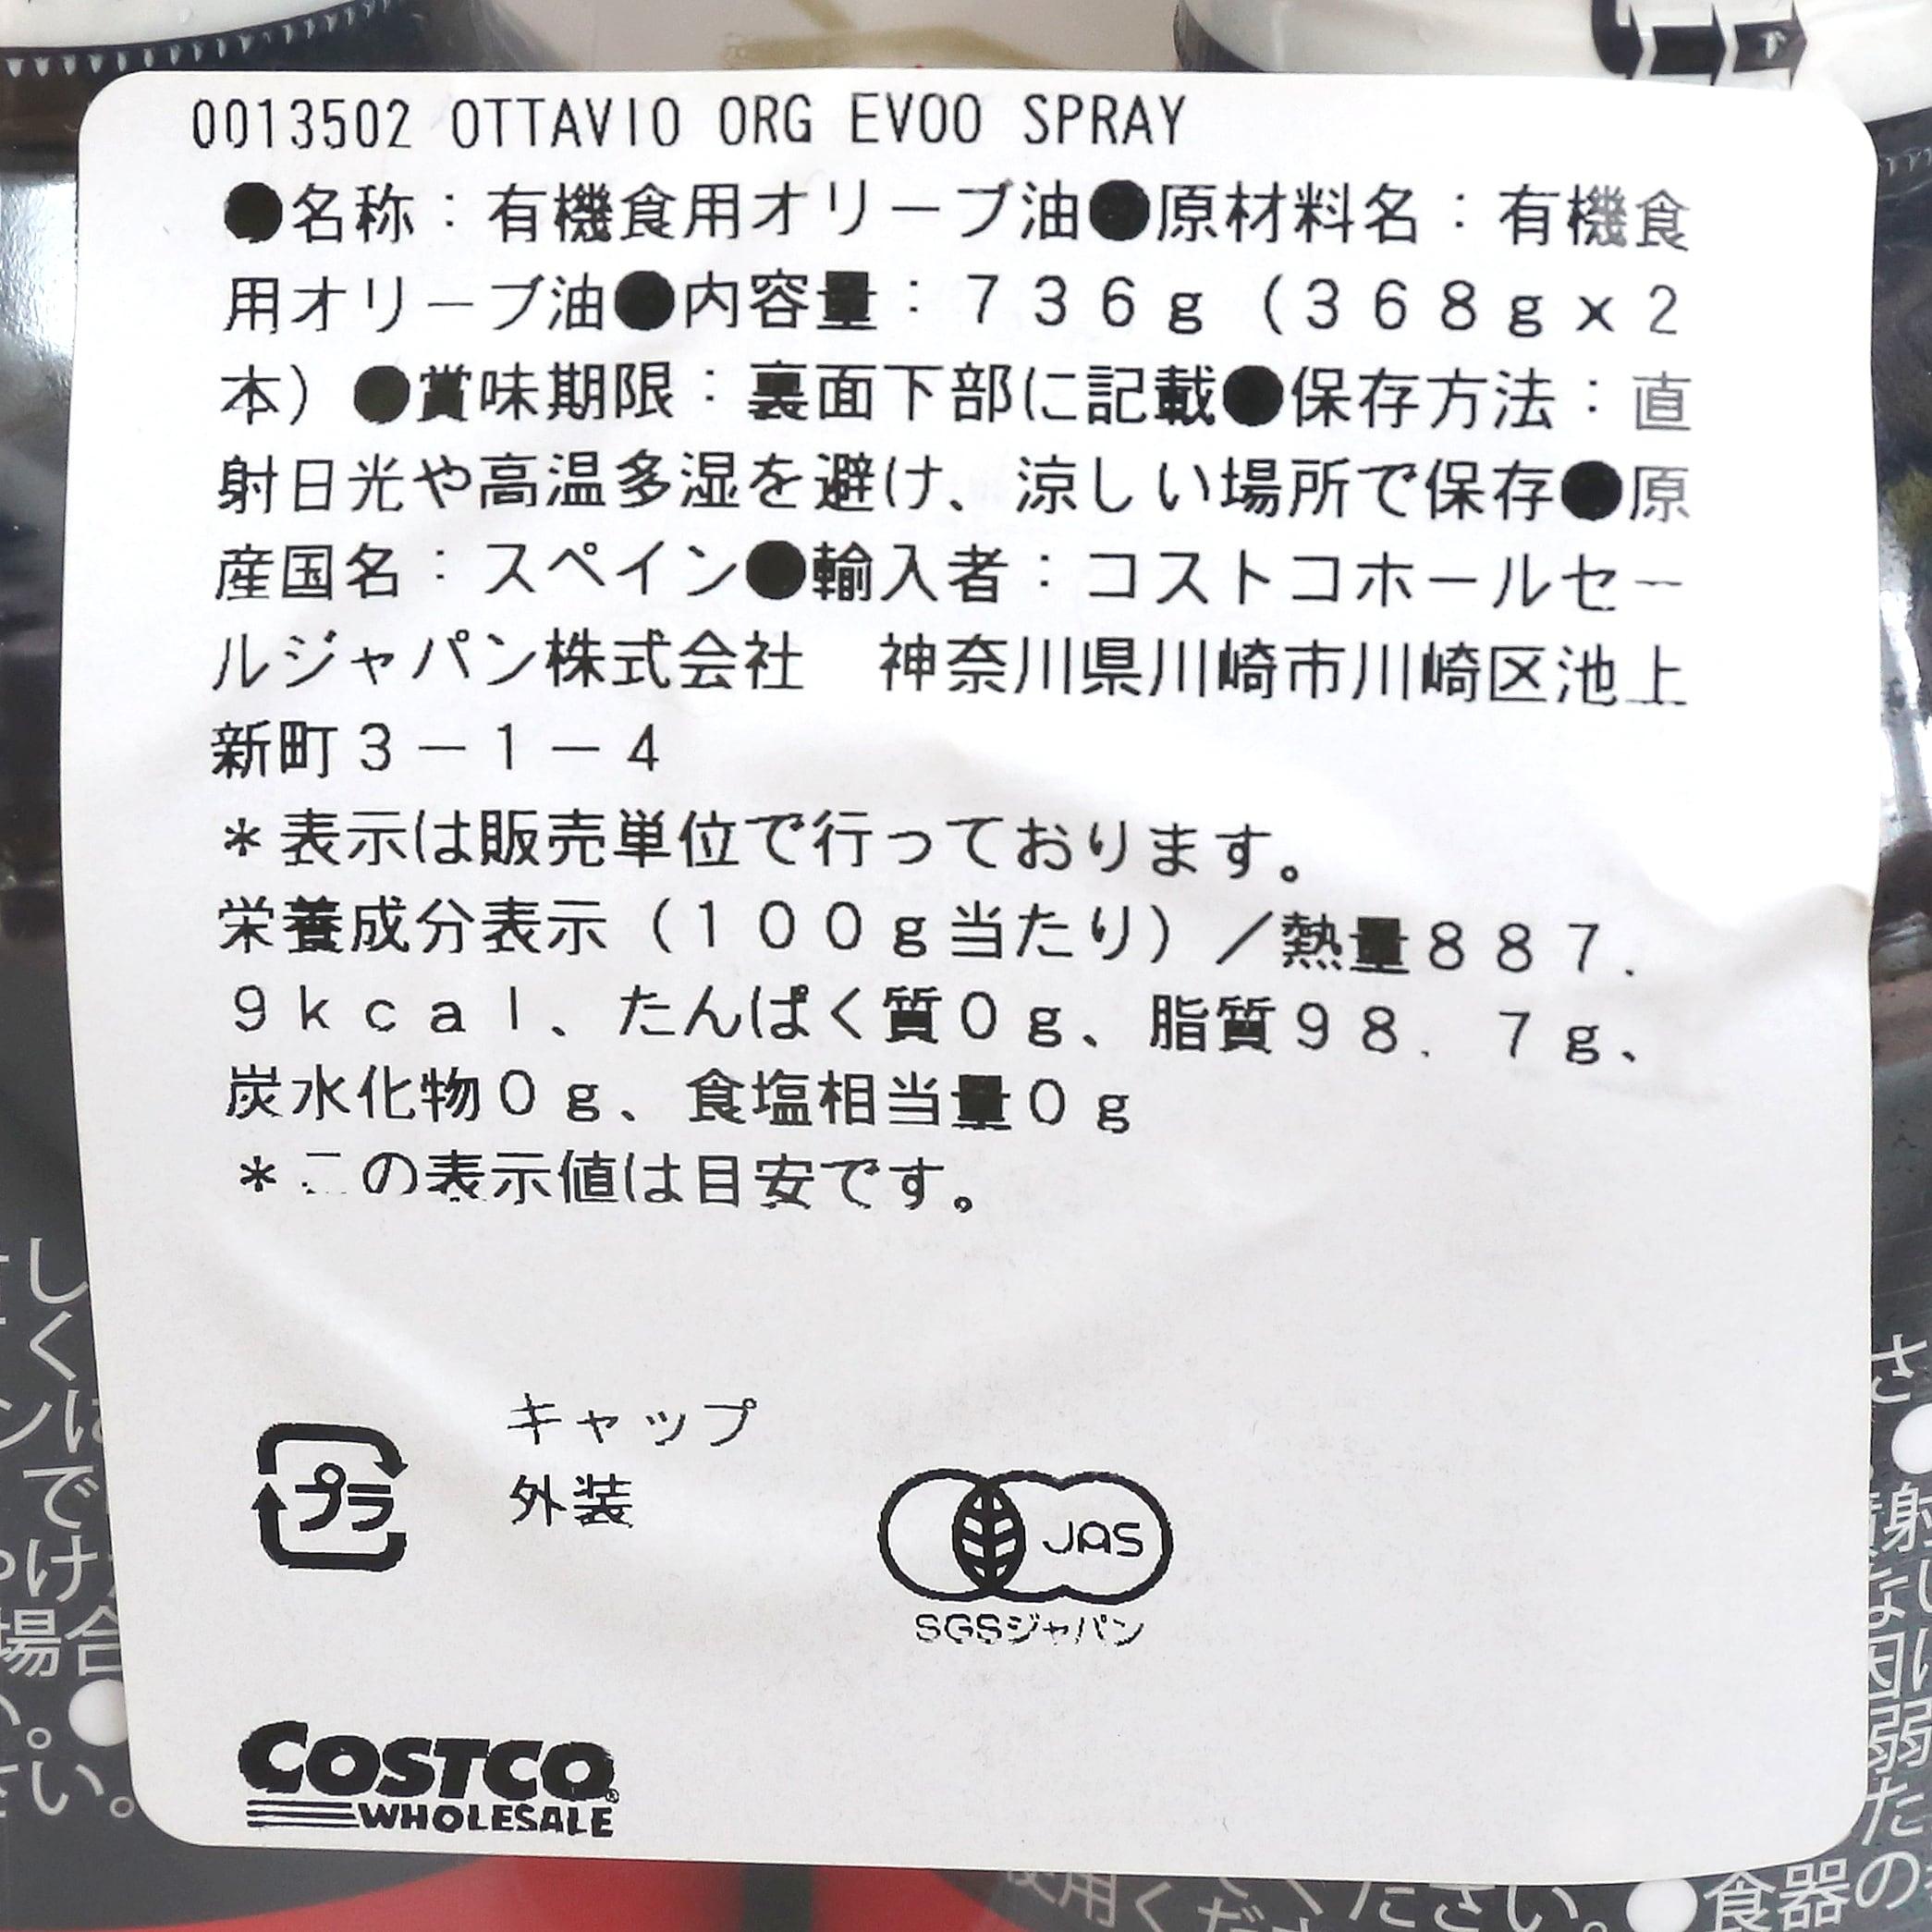 オッタビオ オーガニックエクストラバージンオリーブオイルスプレー 368g×2本 裏面ラベル(原材料・カロリーほか)